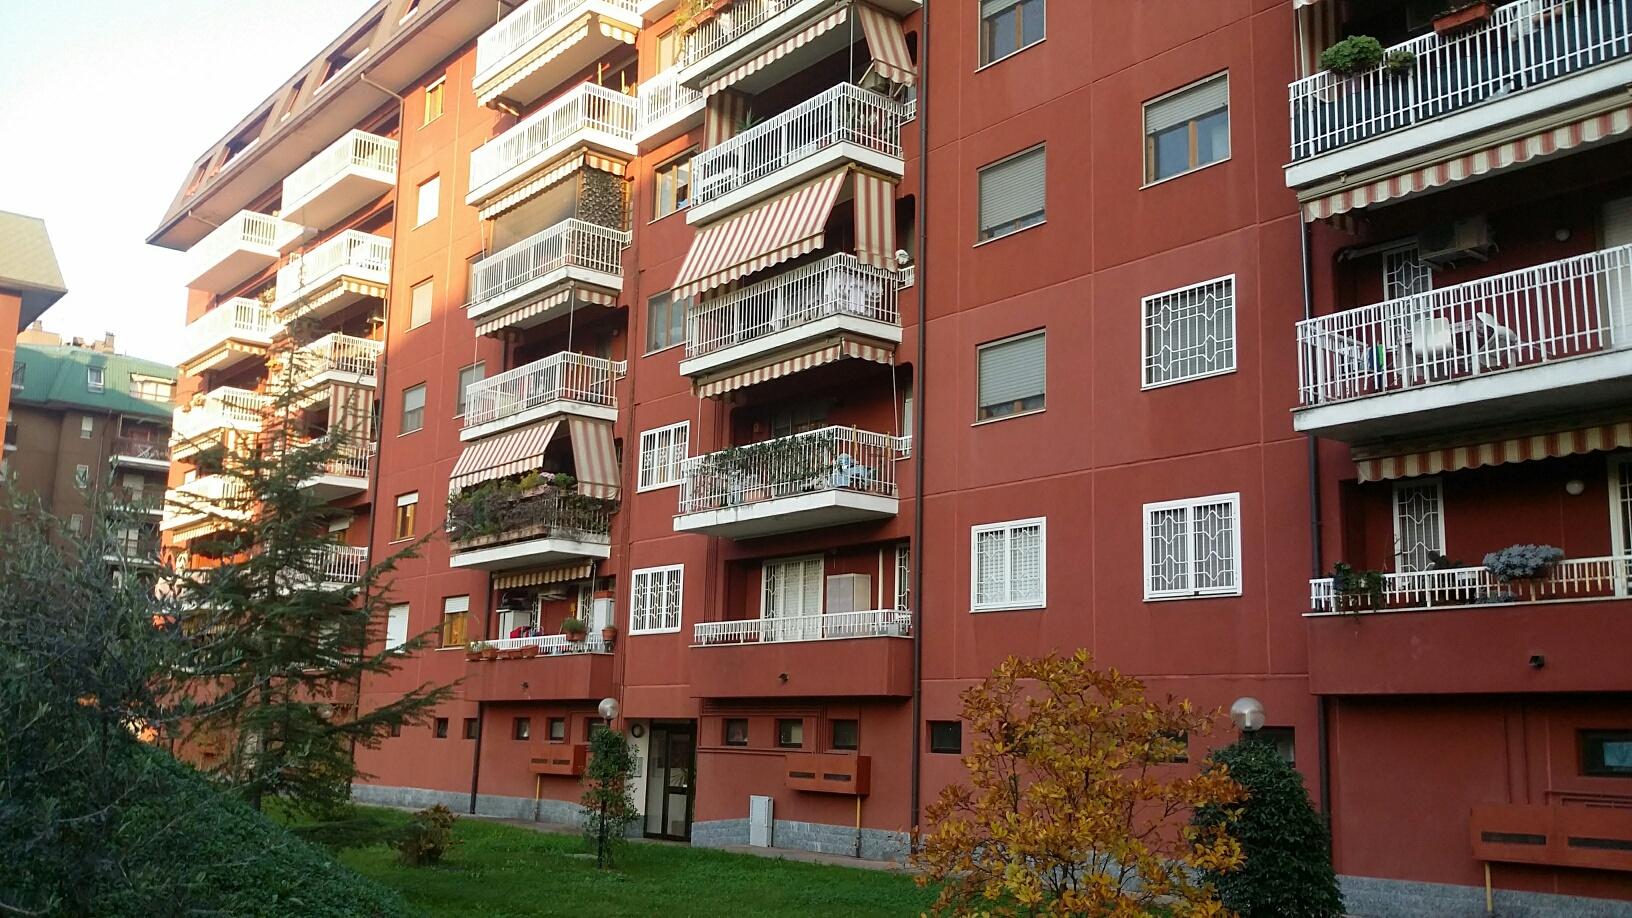 Appartamenti quadrilocali in vendita a assago for Appartamento assago